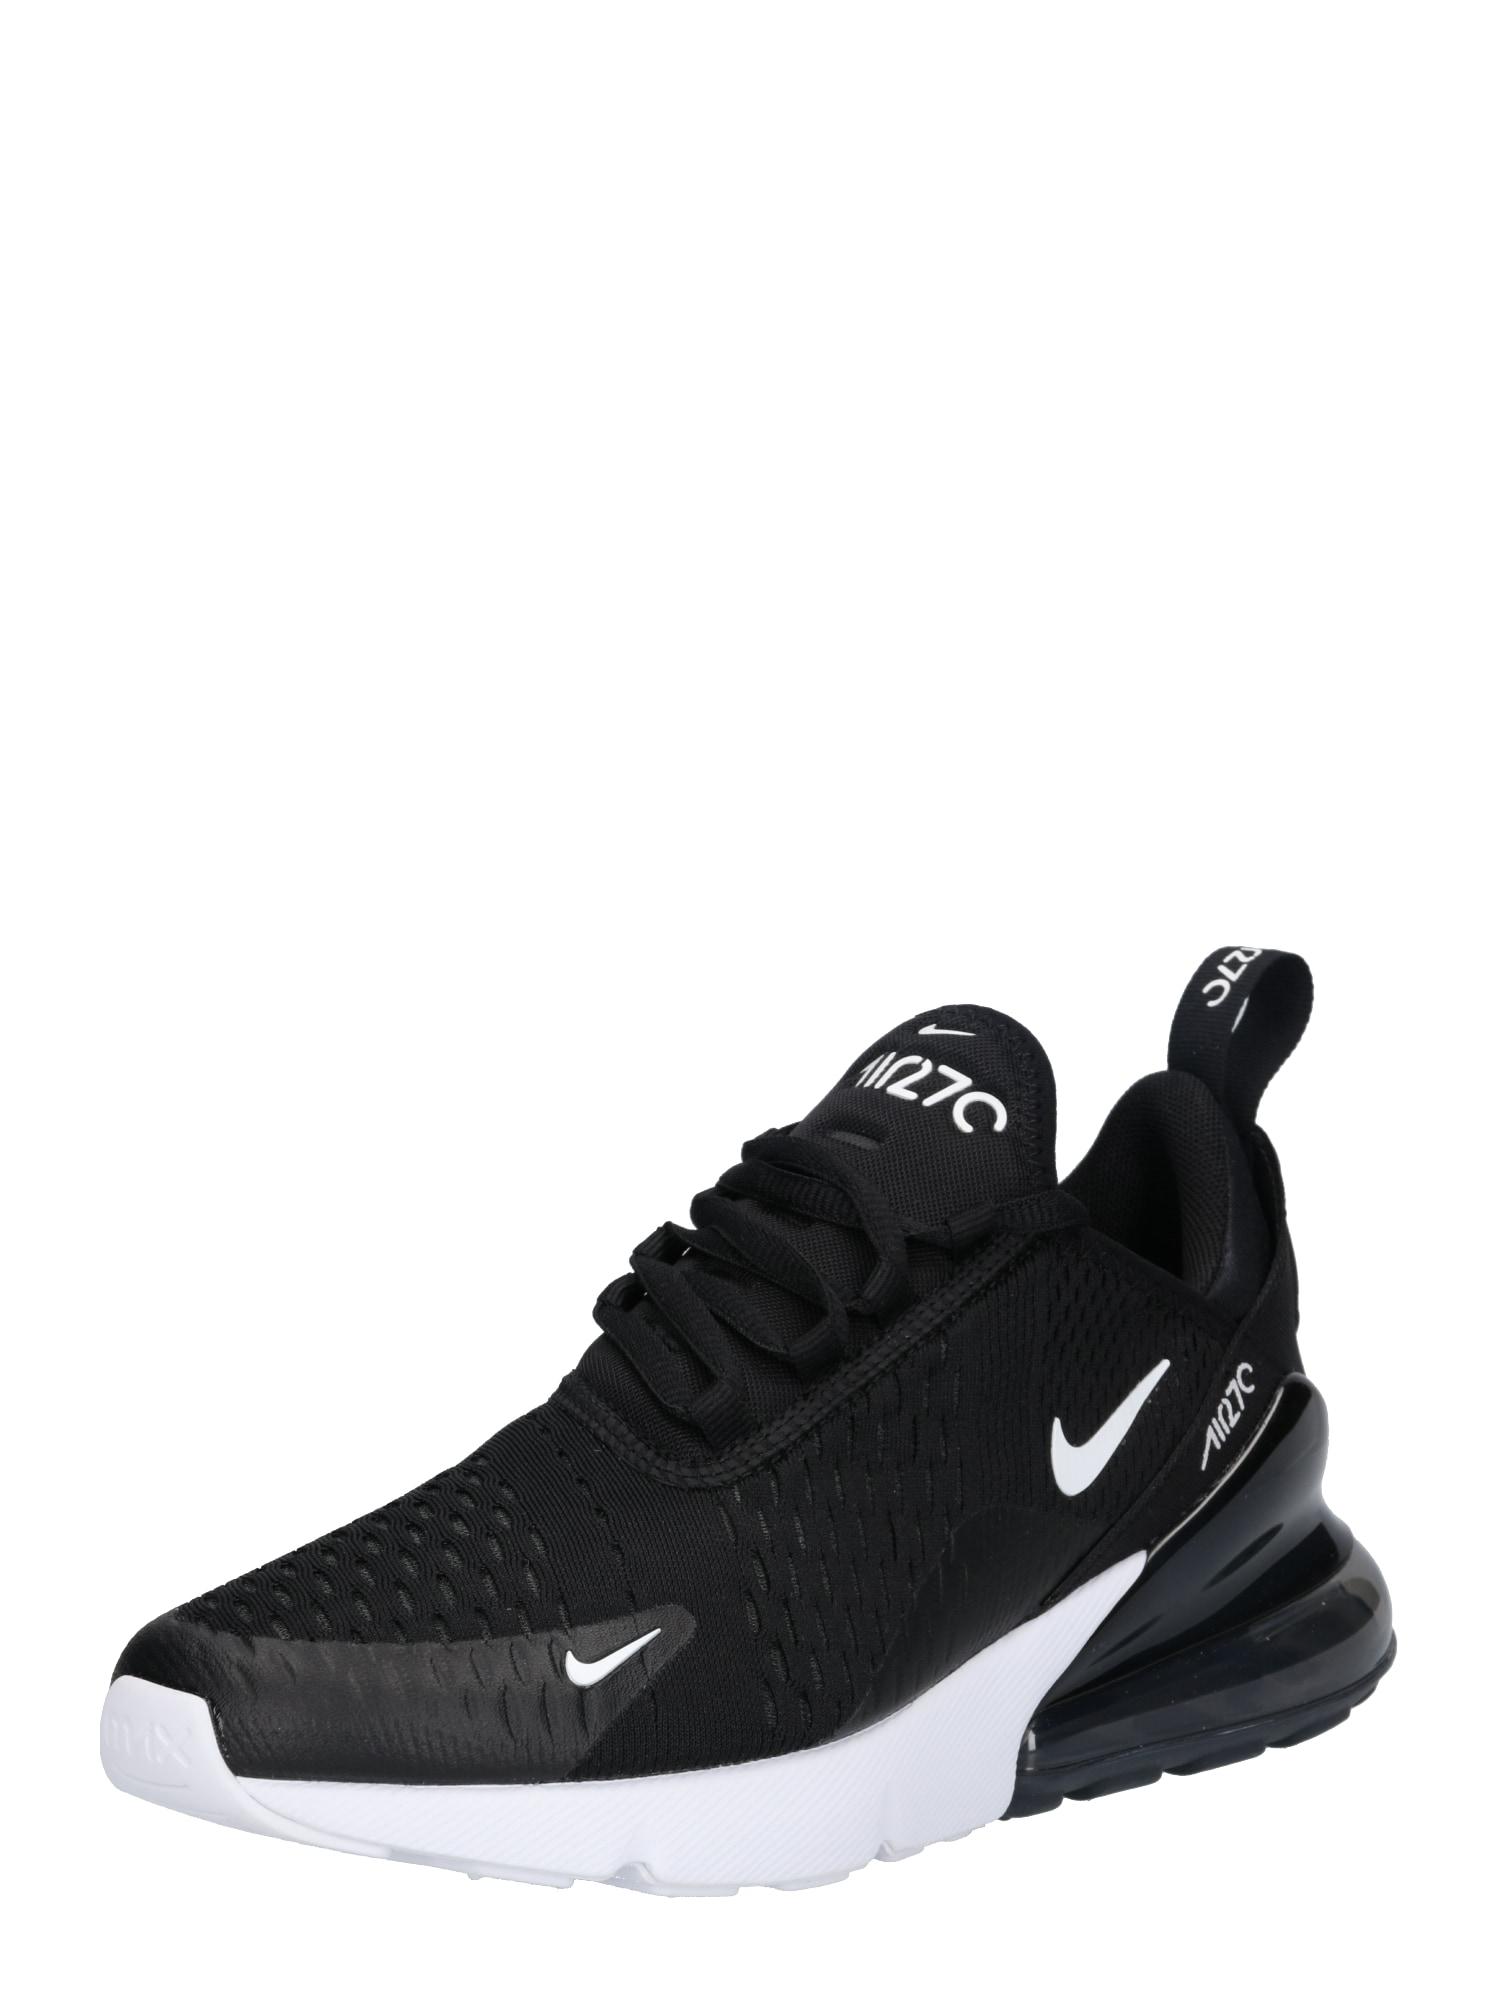 Tenisky Air Max 270 antracitová černá bílá Nike Sportswear